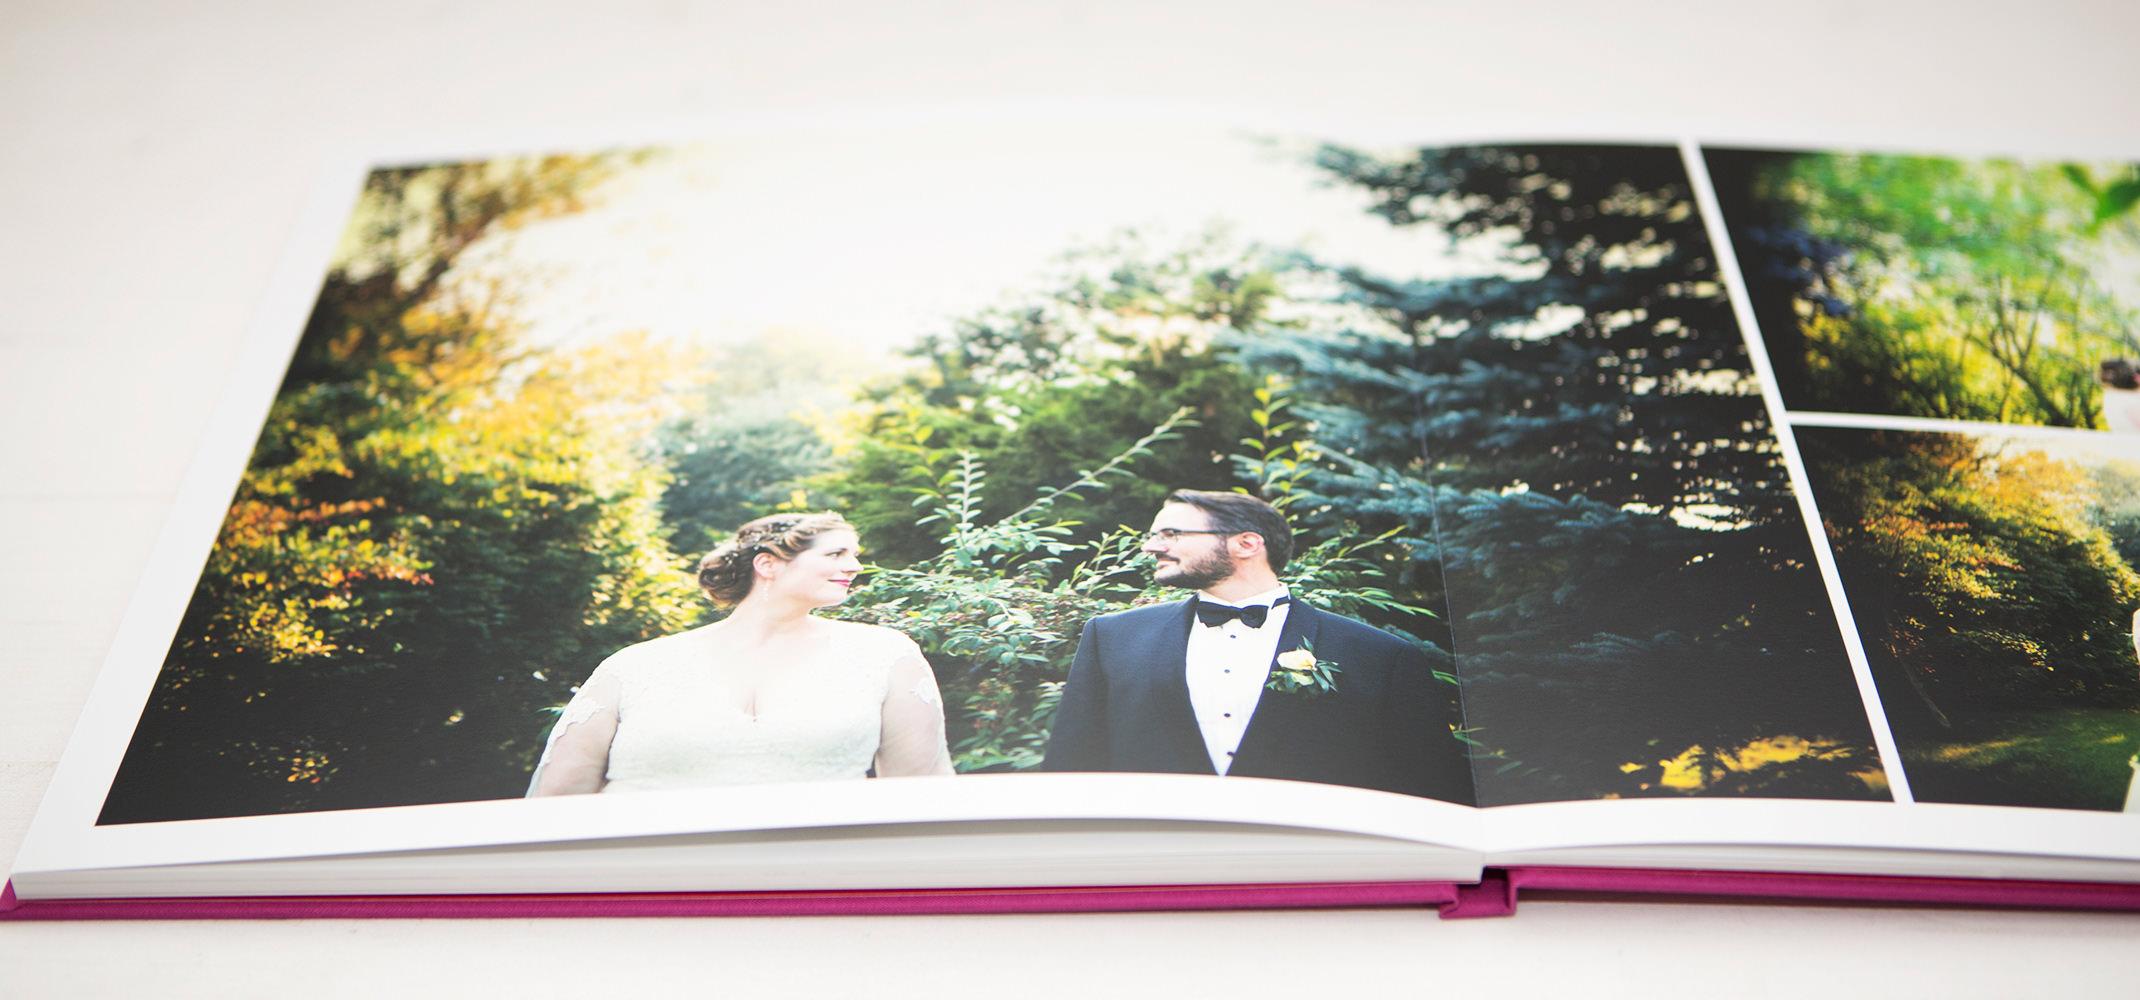 Hochzeitsalbum_Fotobuch_handgebunden_Hochzeitsreportage_Berlin_Brandenburg_handgebunden1